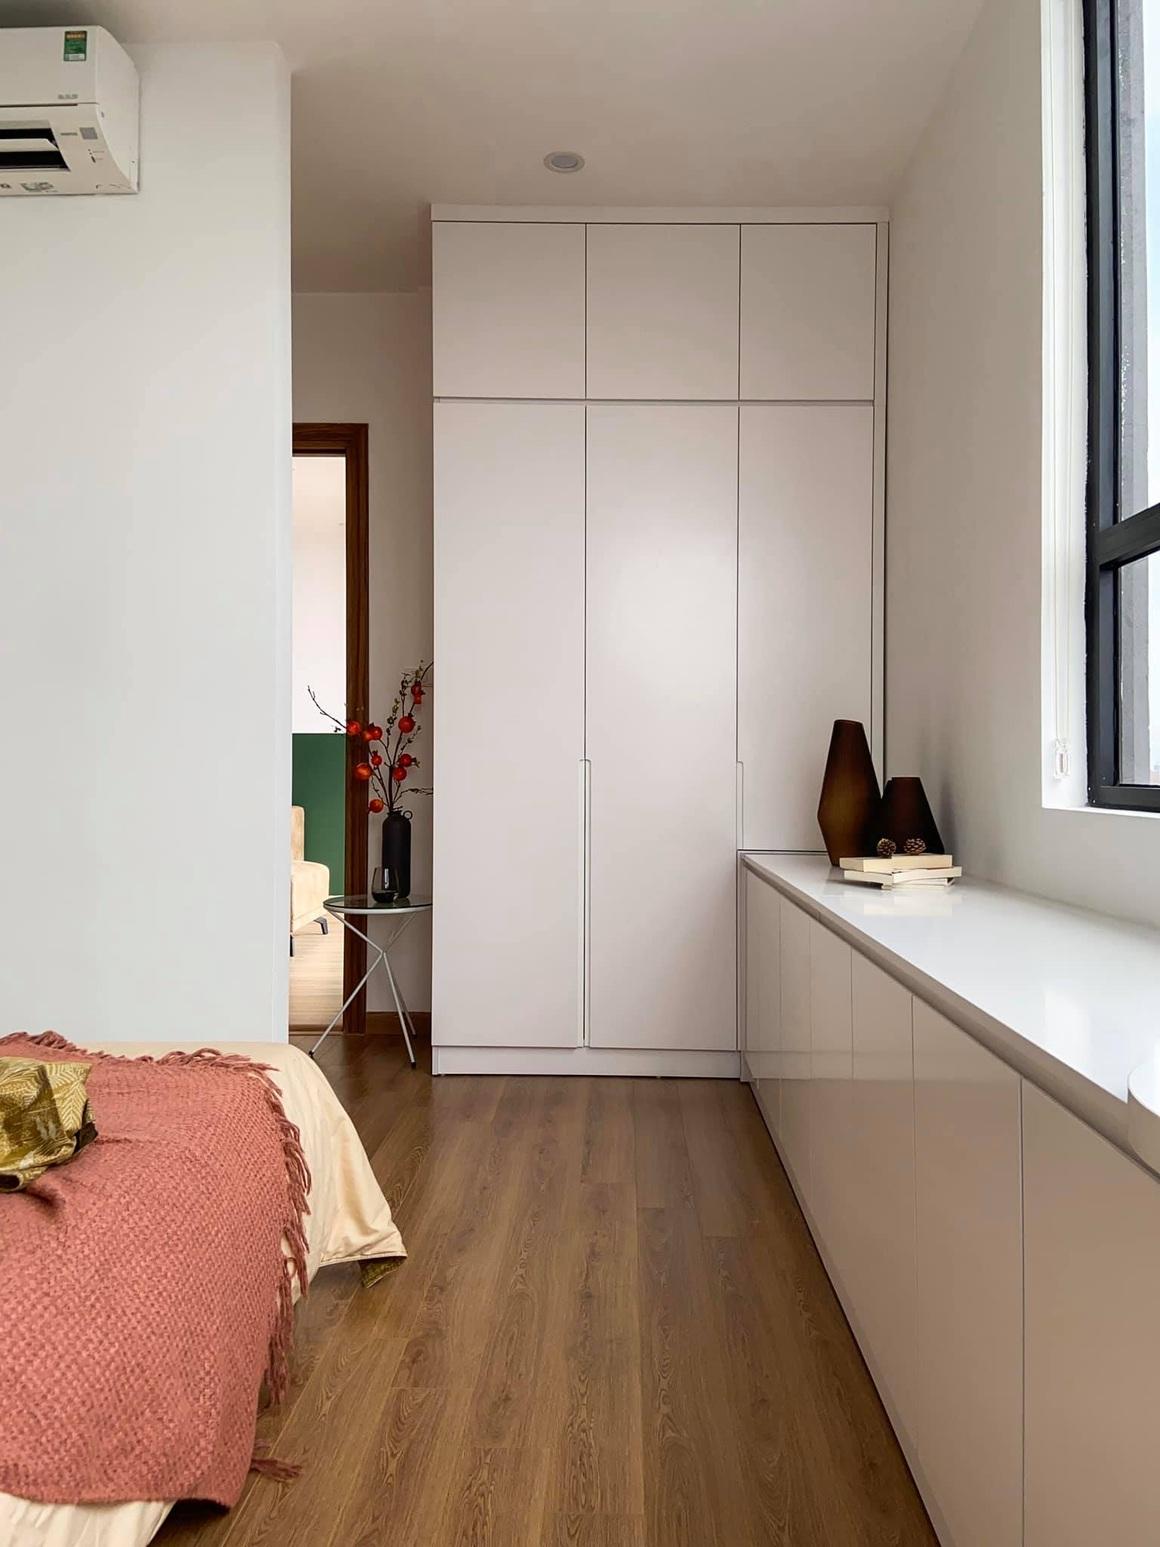 Ngắm căn hộ của gia chủ khó tính: Nội thất đẹp, lạ với tông màu xanh đậm - 16